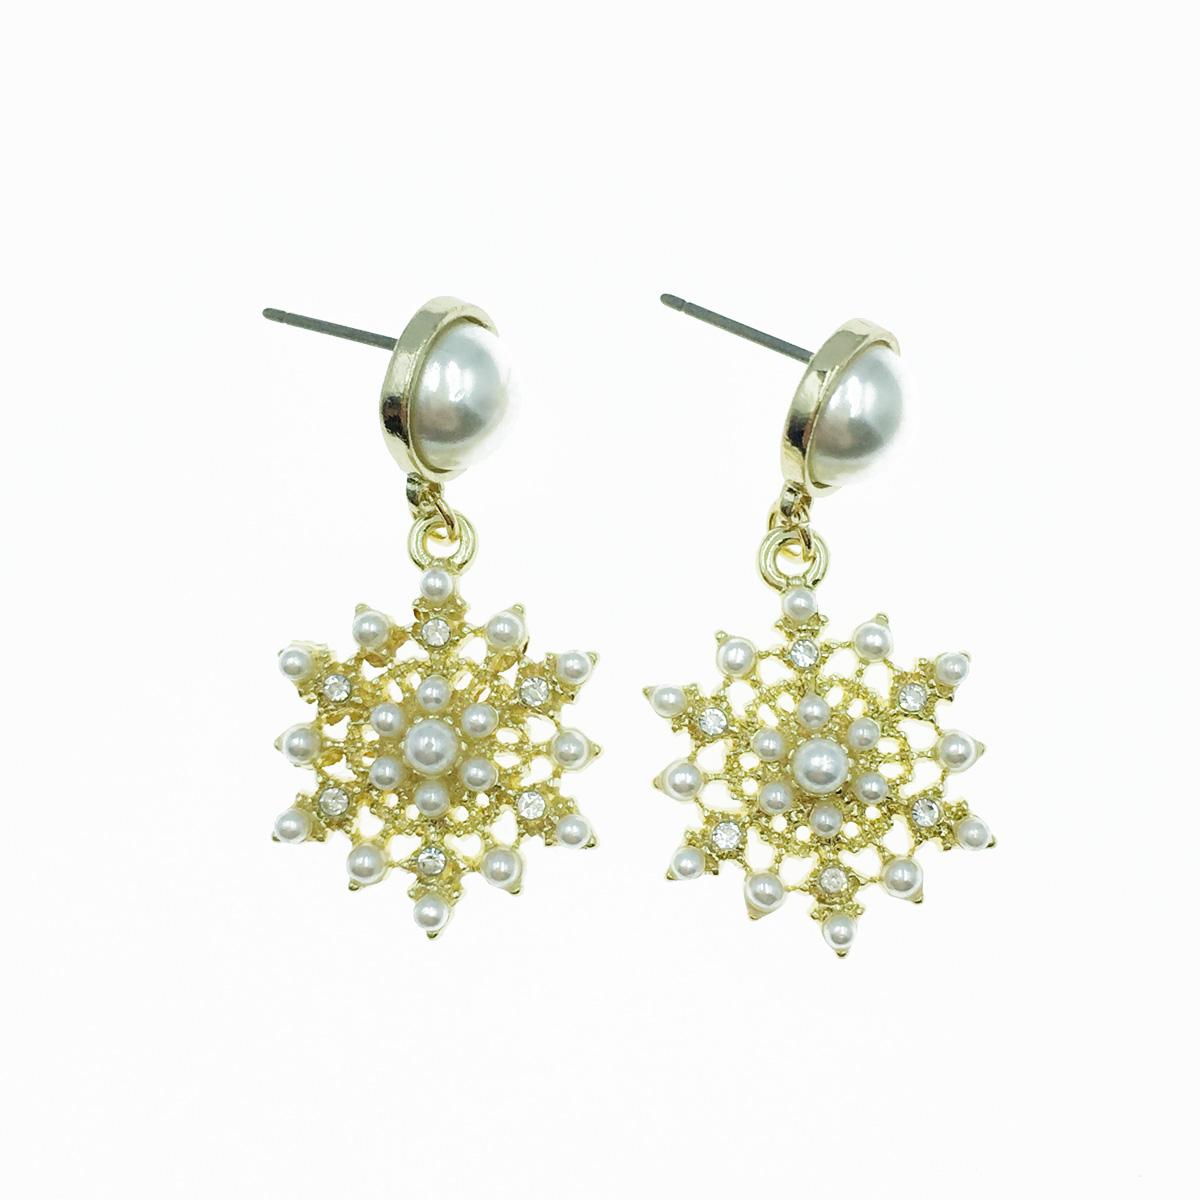 韓國 珍珠 水鑽 垂墜感 耳針式耳環